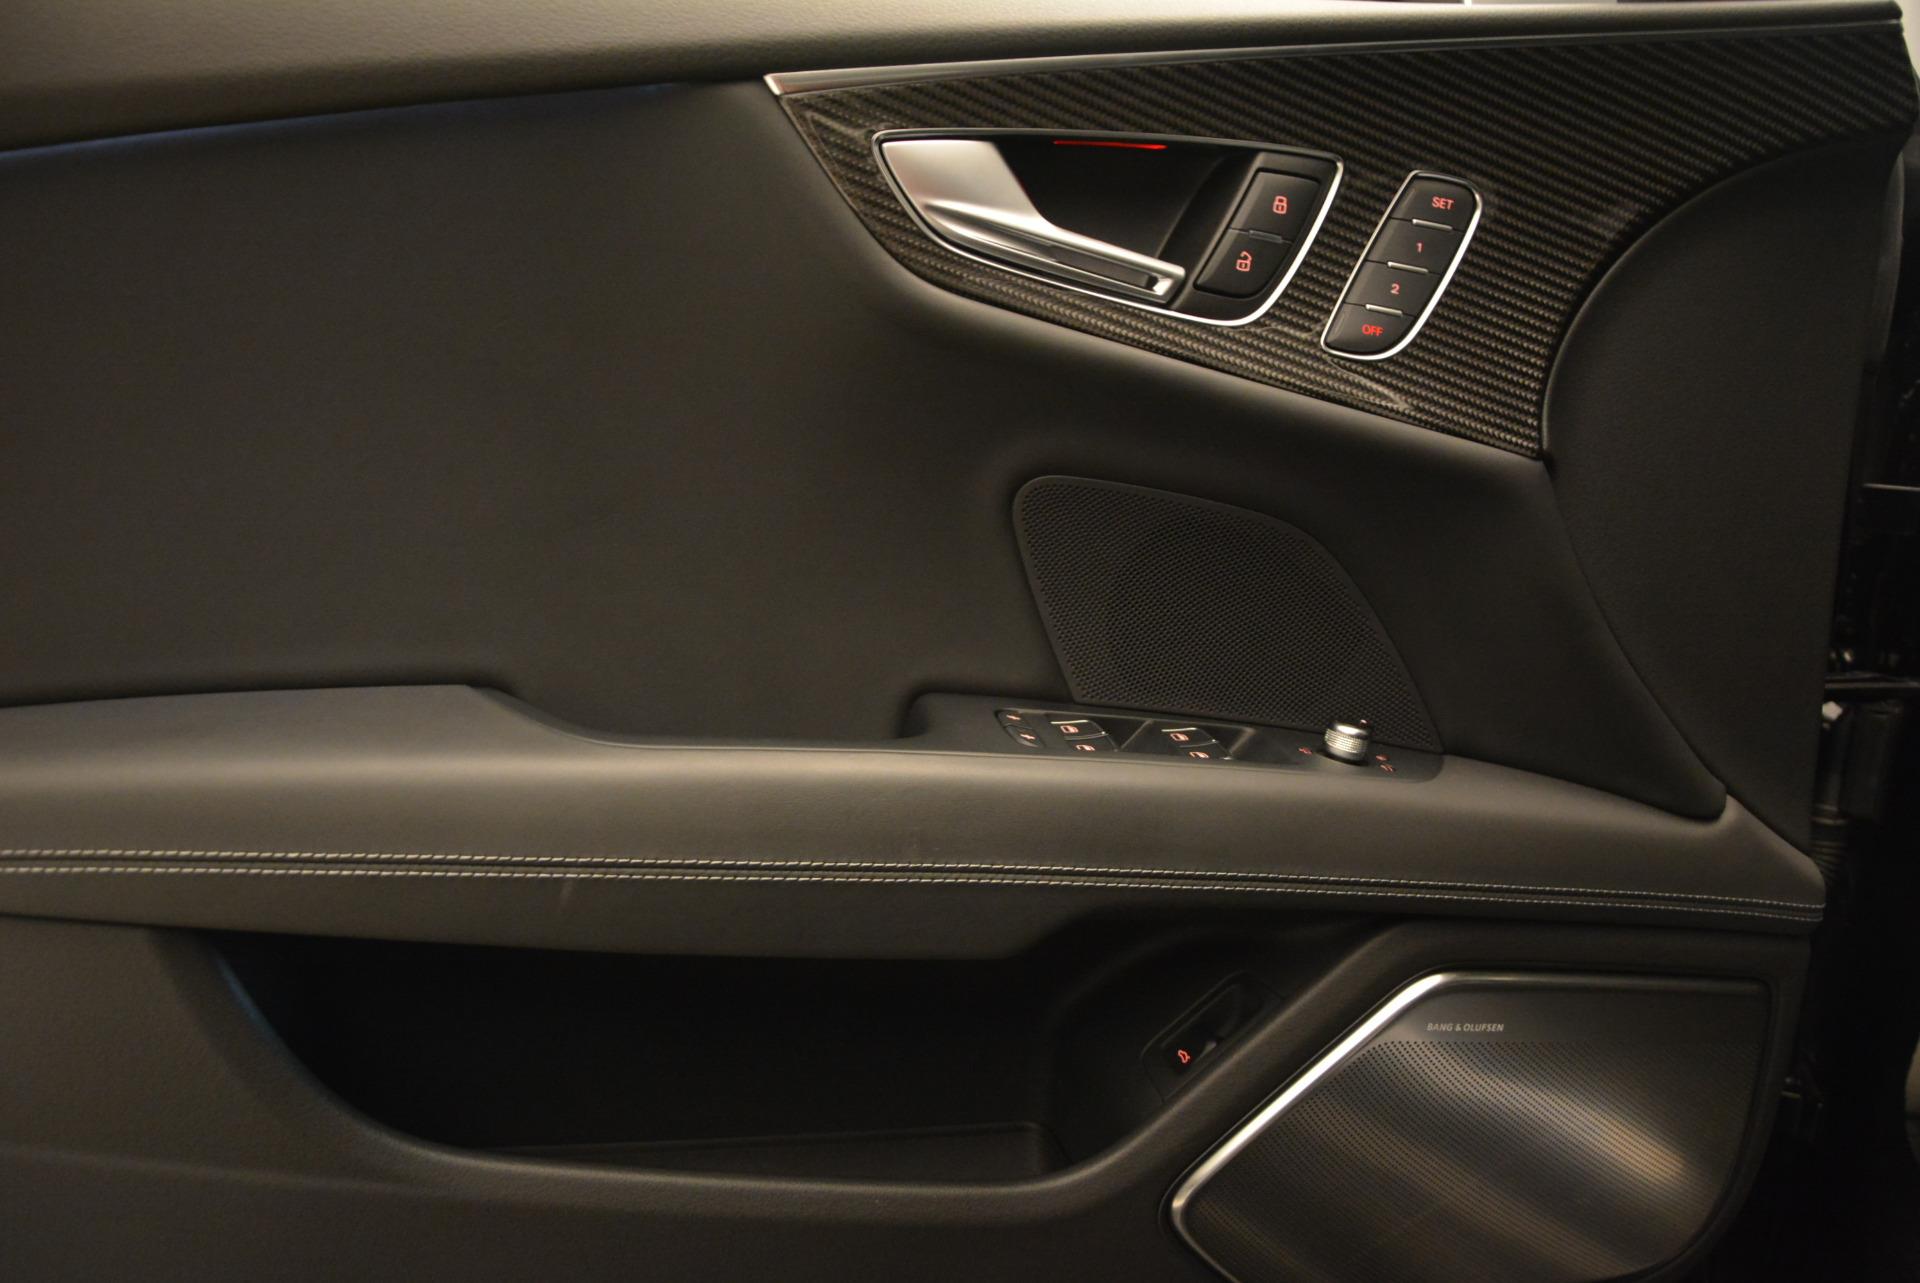 Used 2014 Audi RS 7 4.0T quattro Prestige For Sale In Westport, CT 707_p19